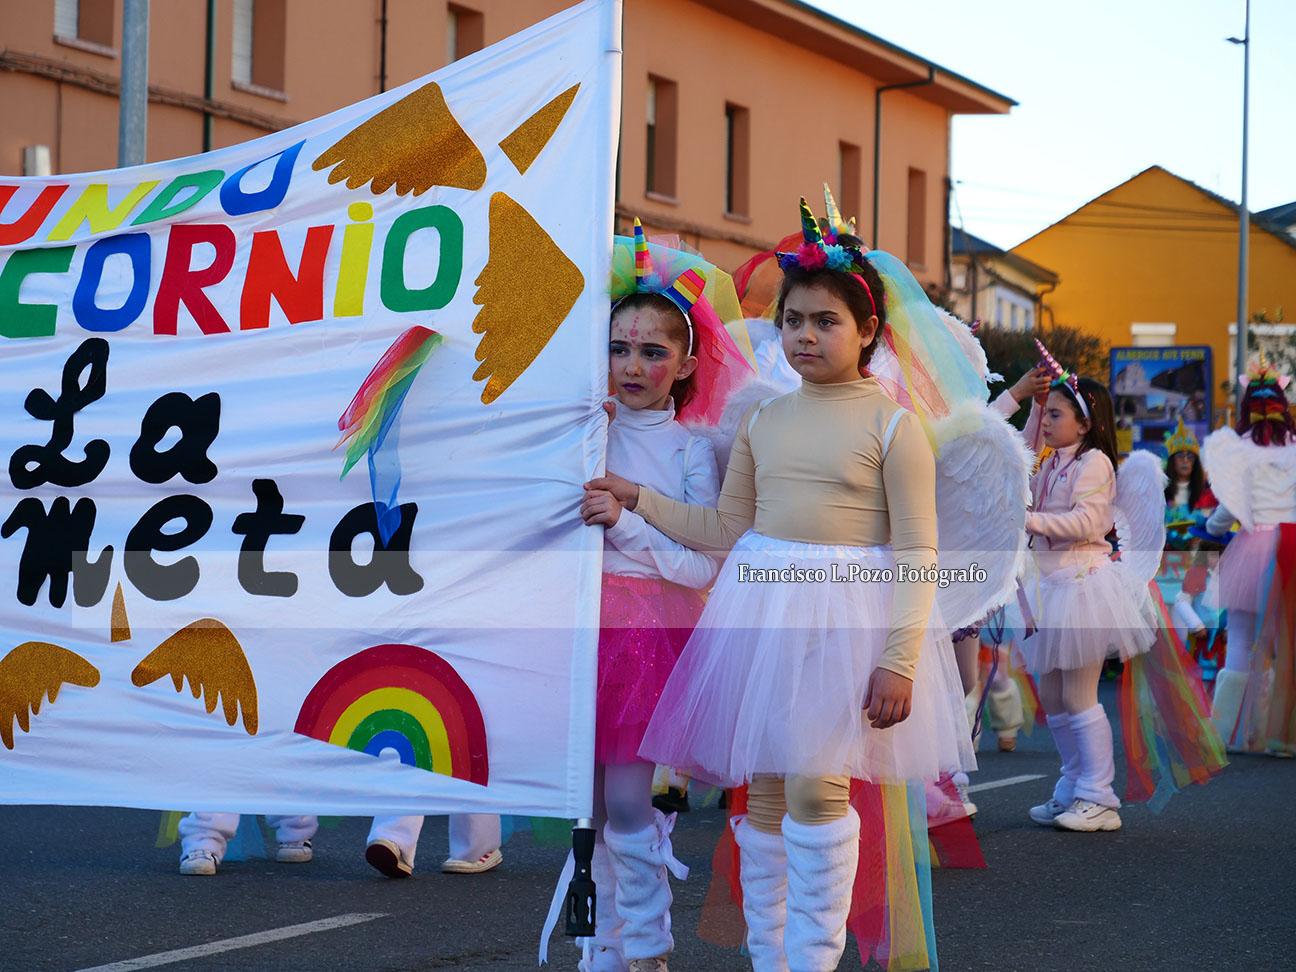 Carnaval 2020: Camponaraya sale a la calle a ritmo de comparsa 59